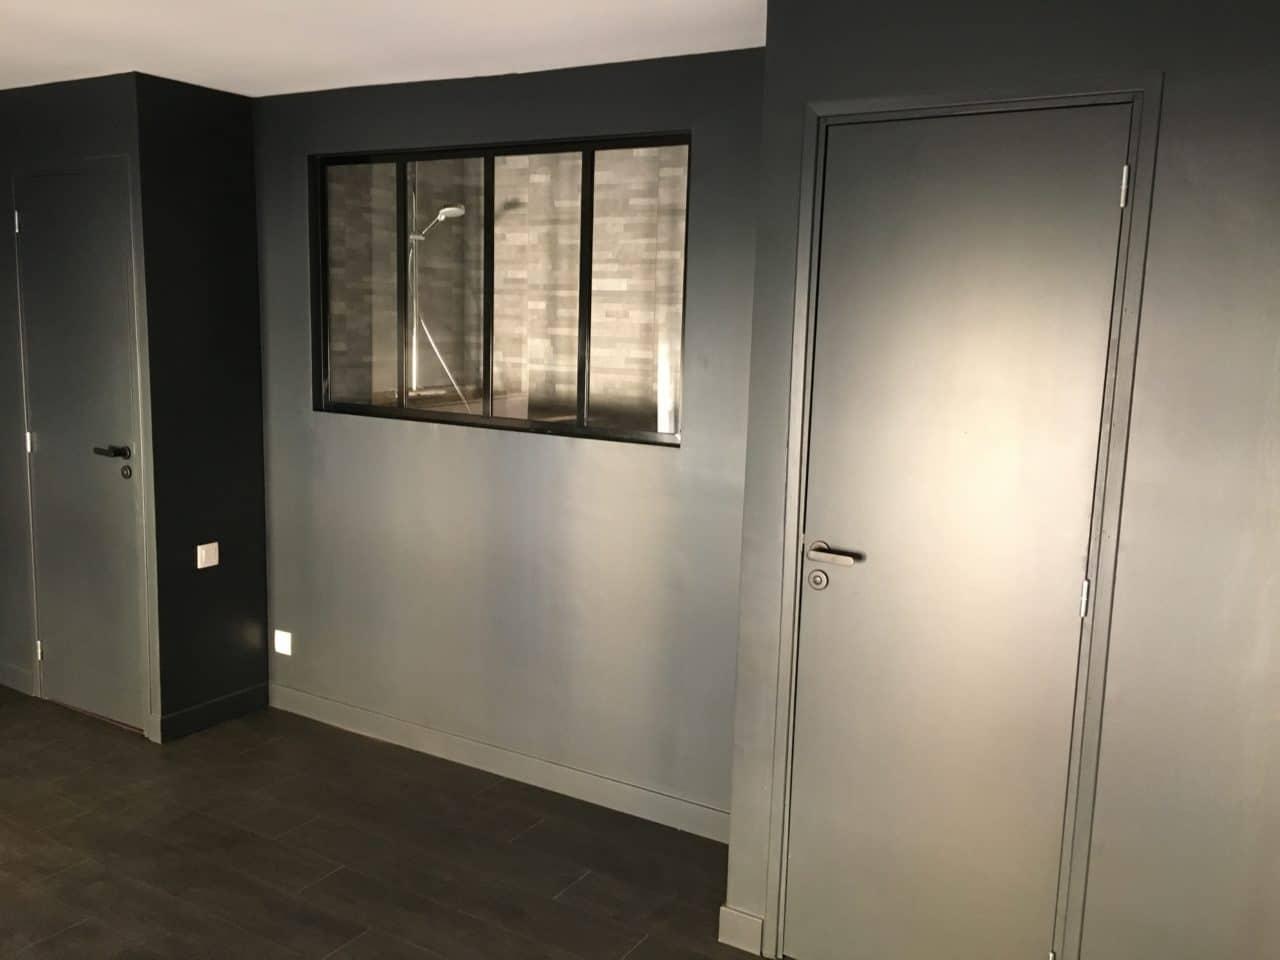 rénovation d'appartement toulouse